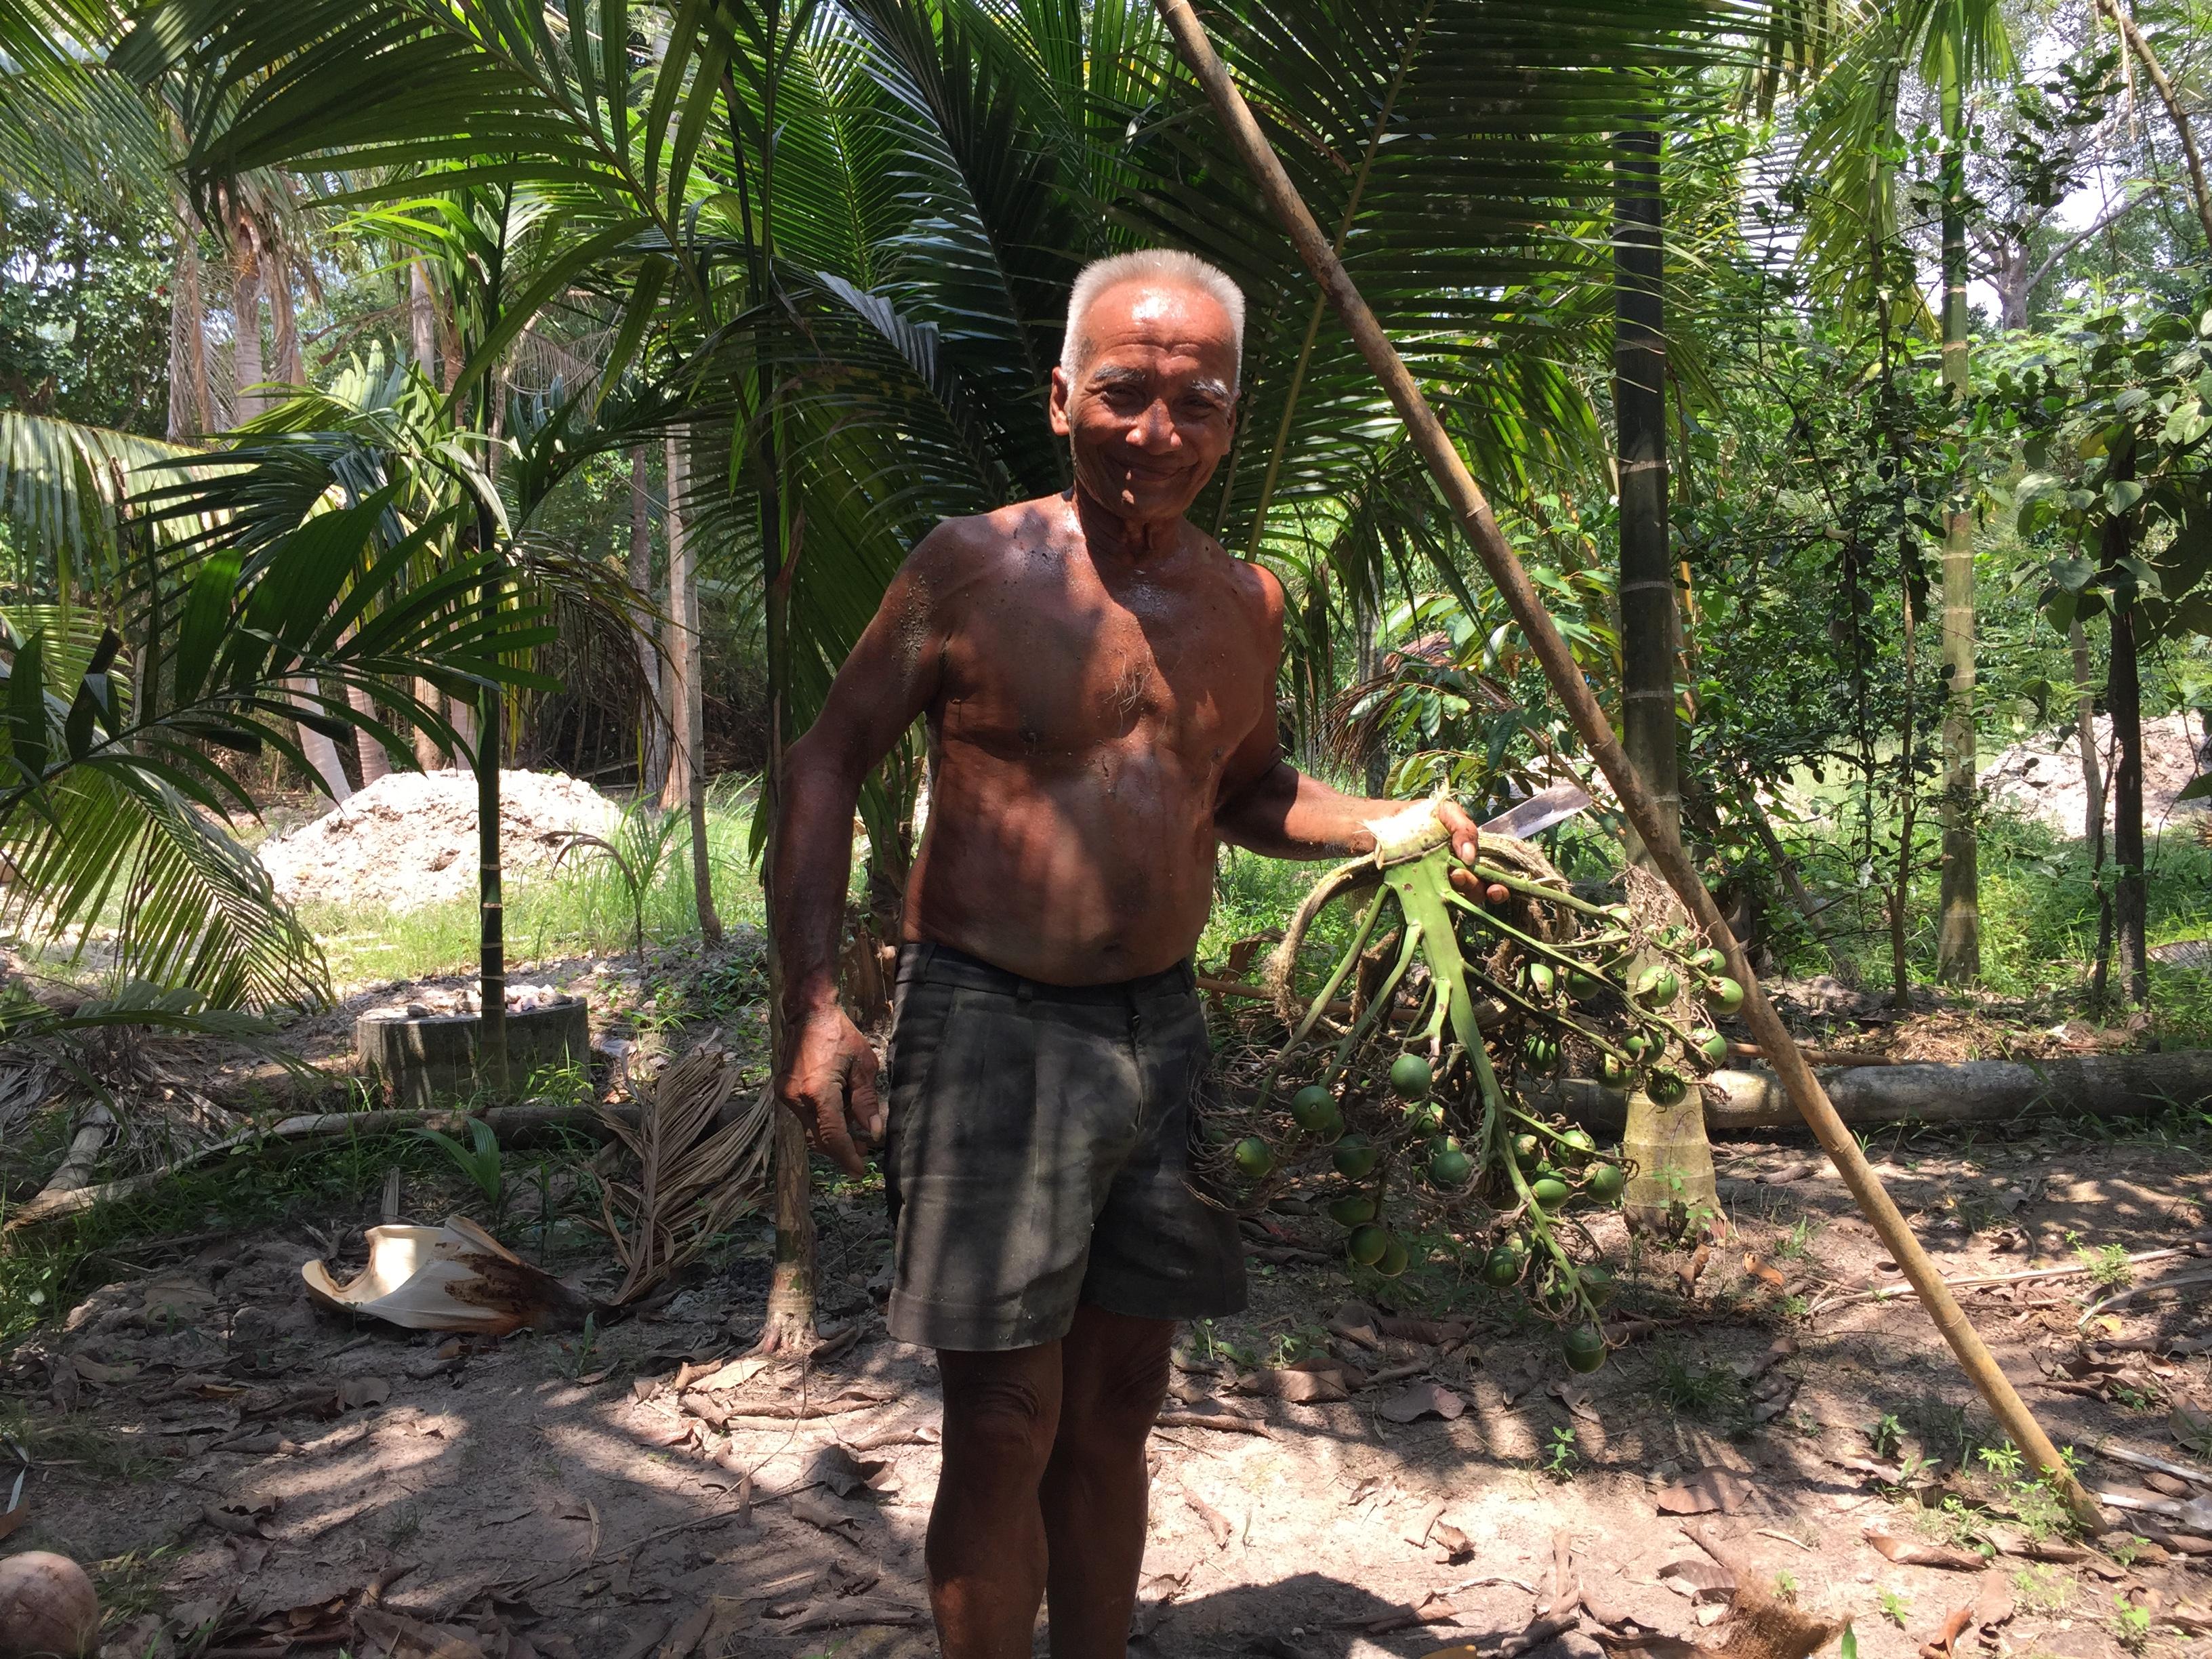 ลุงวัย 73 ยังยึดอาชีพปีนต้นหมากทำมานานกว่า 50 ปี